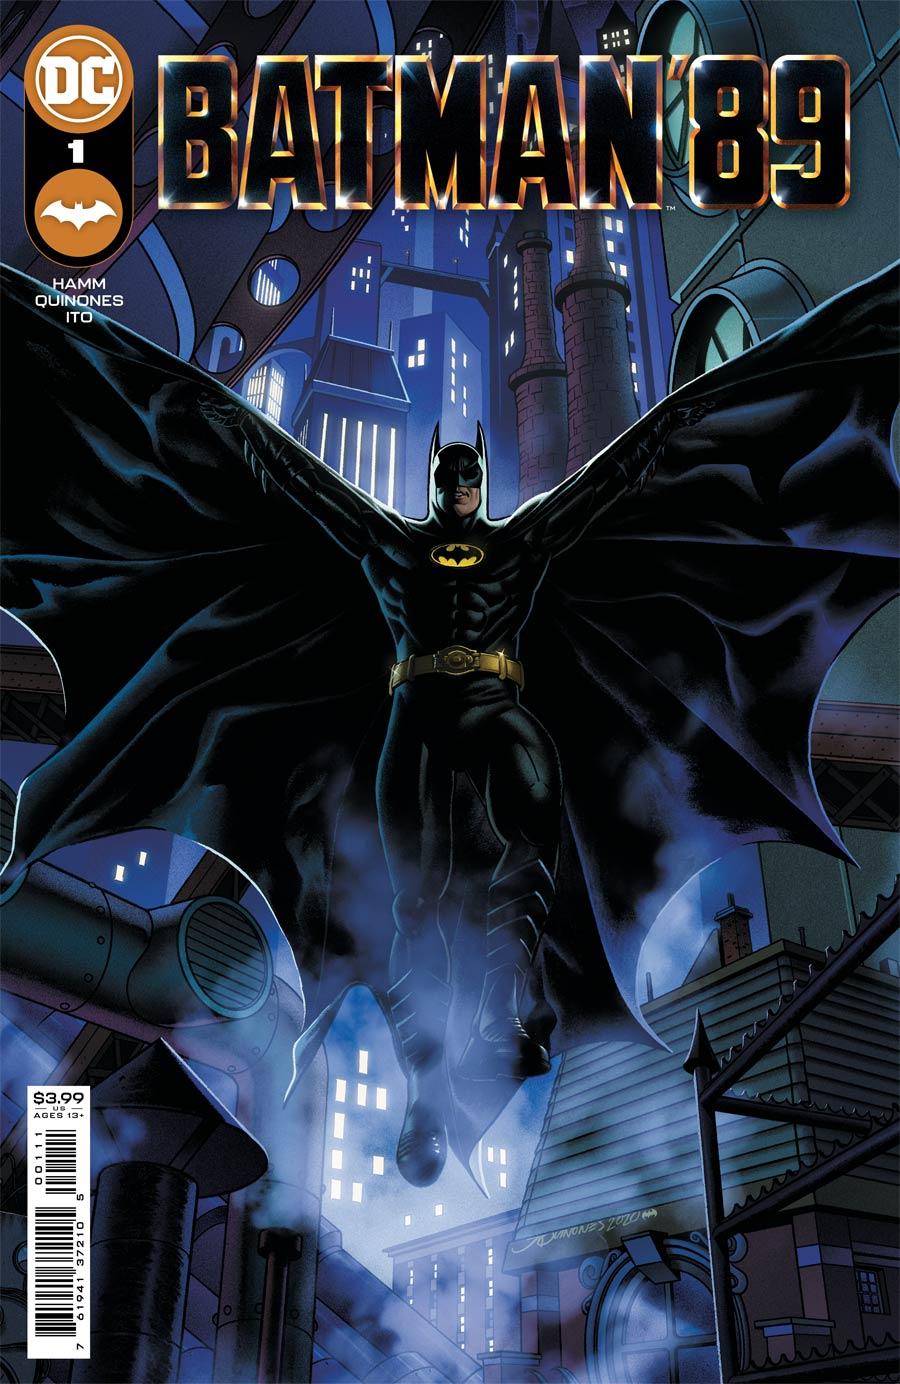 Batman 89 1, cover, 2021, Joe Quinones